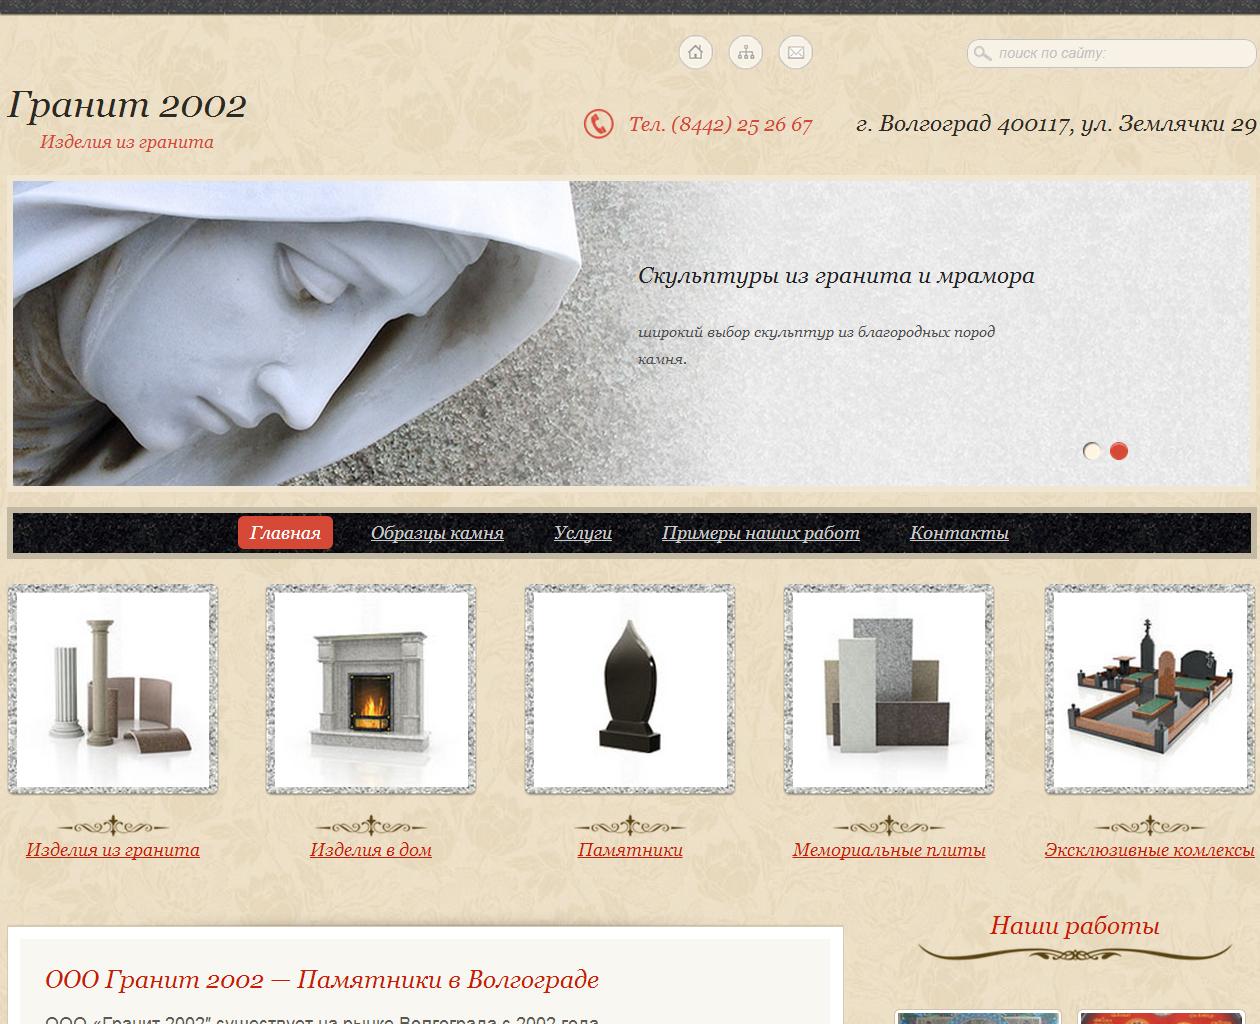 Создание сайта для компании по изготовлению памятников из гранита и мрамора ООО Гранит 2002